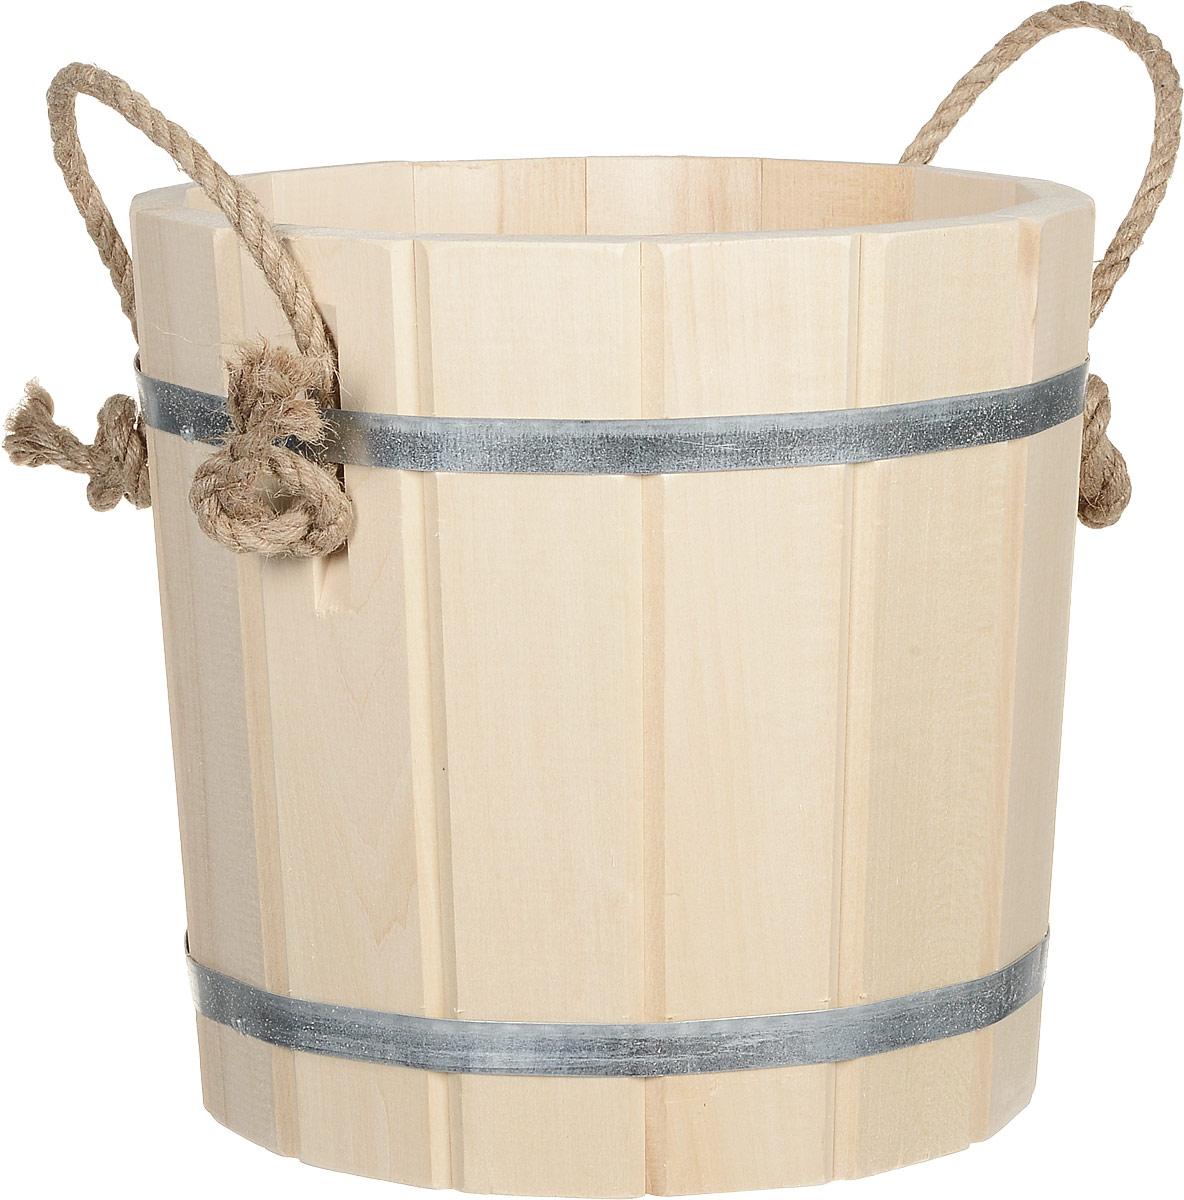 Запарник Банные штучки, 8 л. 3604531-105Запарник Банные штучки, изготовленный из древесины липы, доставит вам настоящее удовольствие от банной процедуры. При запаривании веник обретает свою природную силу и сохраняет полезные свойства. Корпус запарника состоит из металлических обручей, стянутых клепками. Для более удобного использования запарник имеет по бокам две небольшие ручки. Интересная штука - баня. Место, где одинаково хорошо и в компании, и в одиночестве. Перекресток, казалось бы, разных направлений - общение и здоровье. Приятное и полезное. И всегда в позитиве.Высота запарника (без учета ручек): 26 см.Диаметр запарника по верхнему краю: 28 см